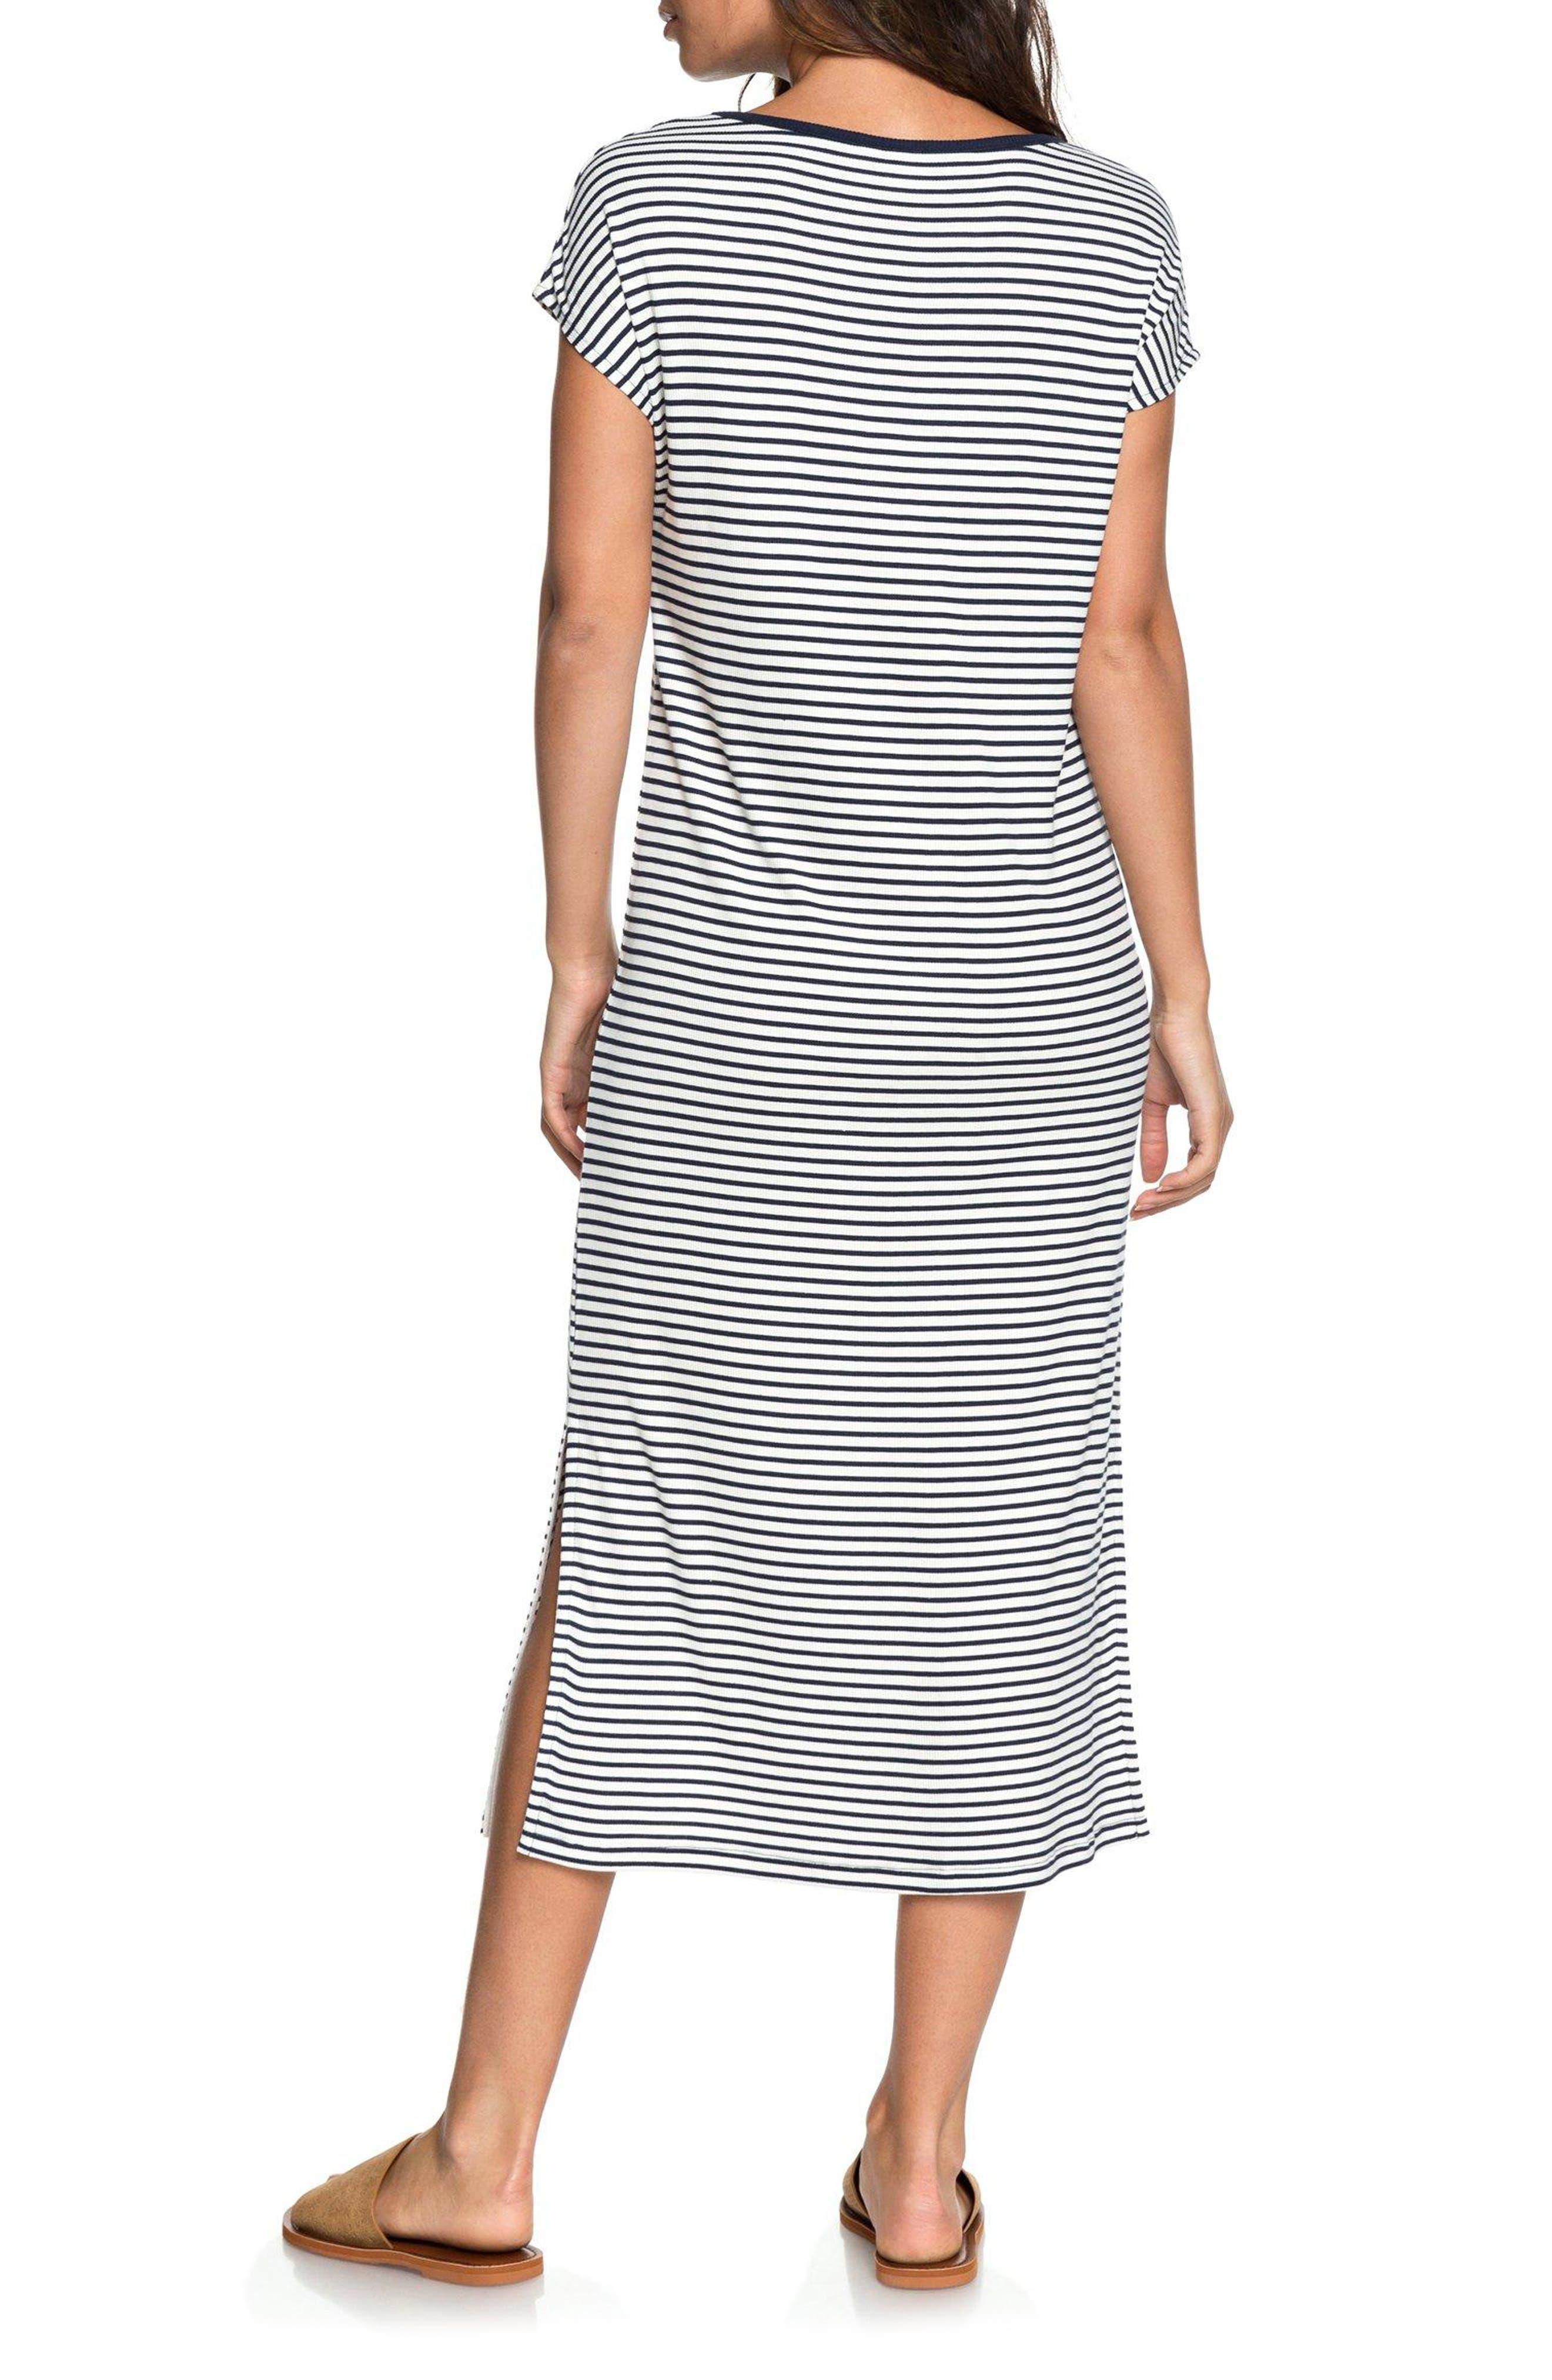 Make It New Stripe Midi Dress,                             Alternate thumbnail 2, color,                             100